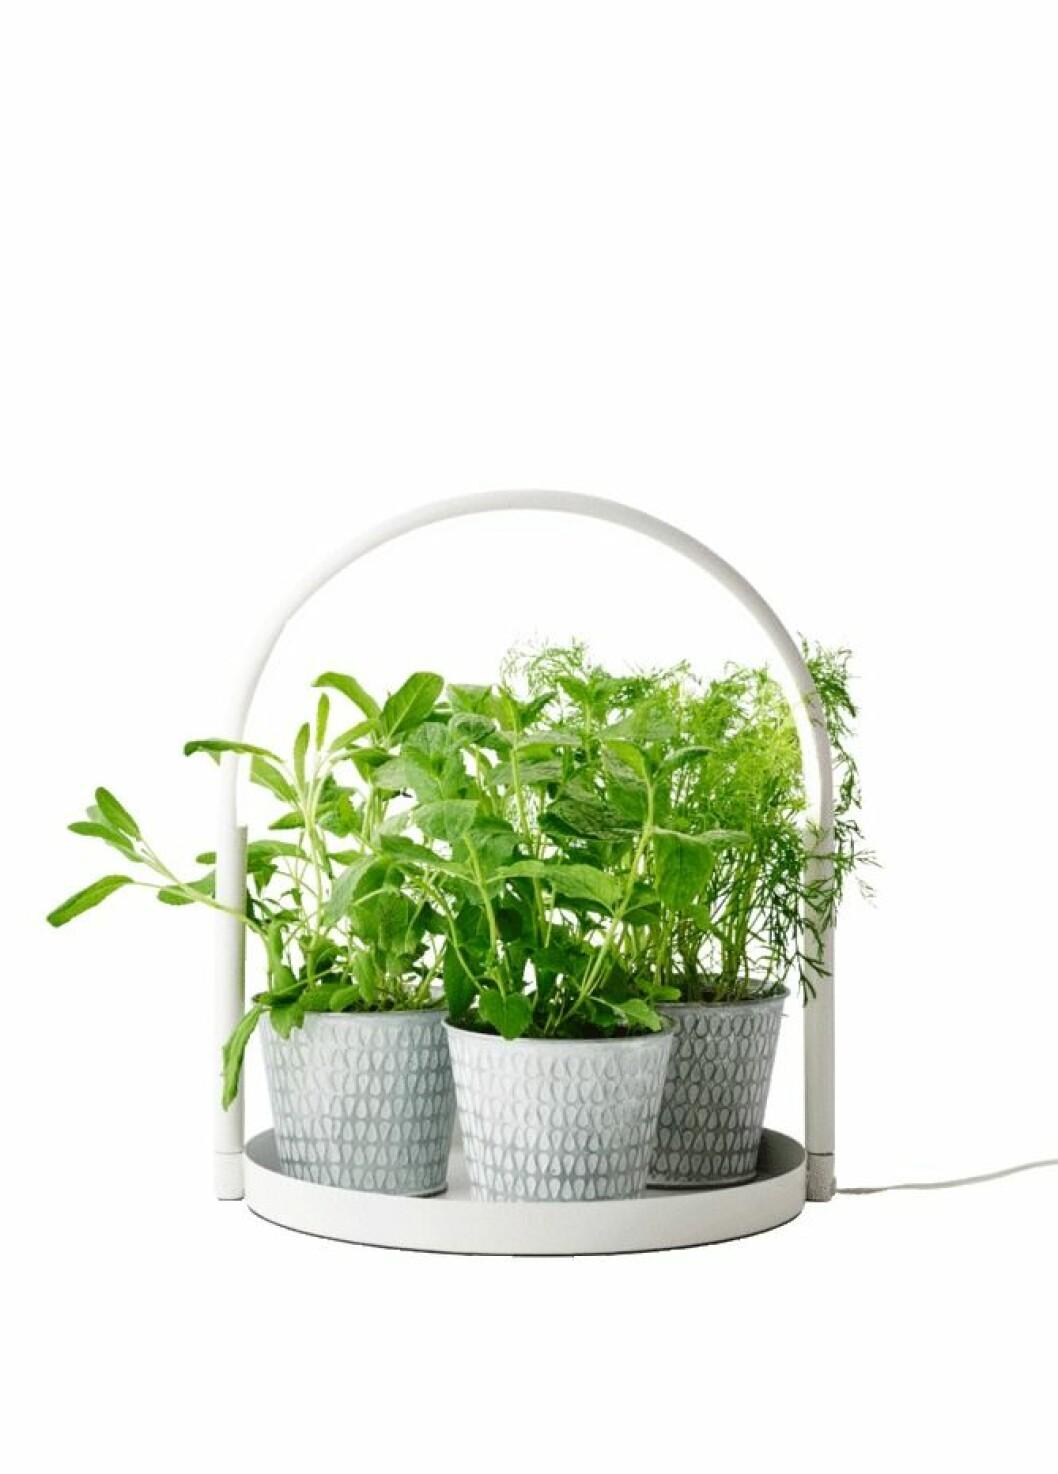 Dalia rund bricka som rymmer många färgstarka växter